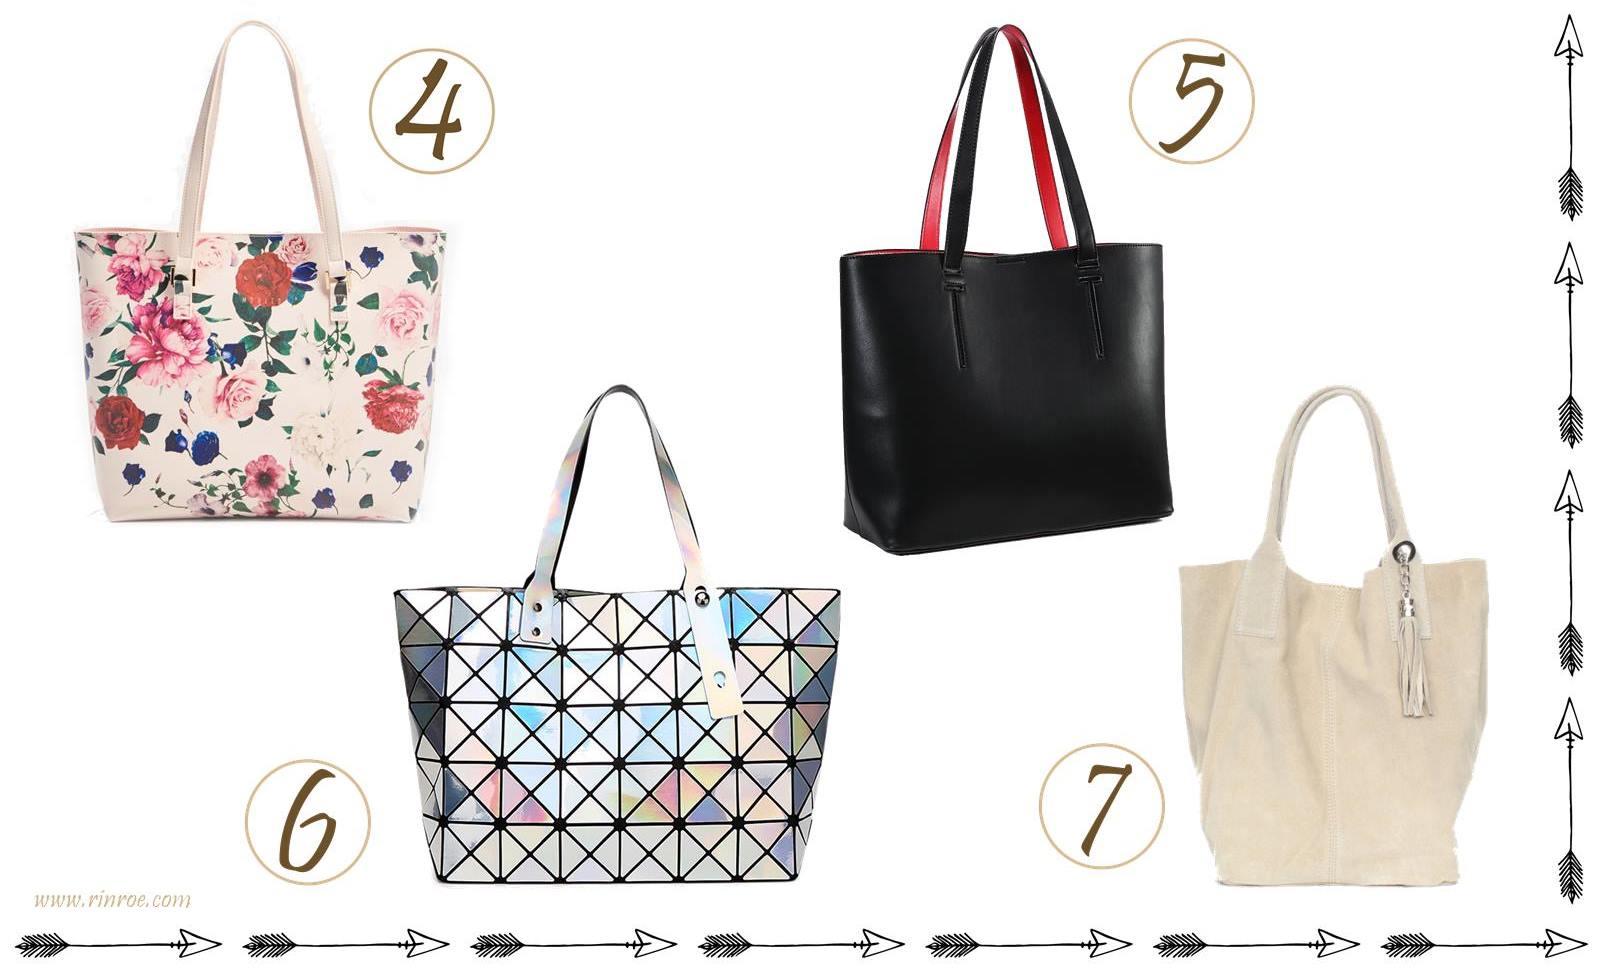 jaką  torebkę wybrać? torebka kuferek, shopper, listonoszka